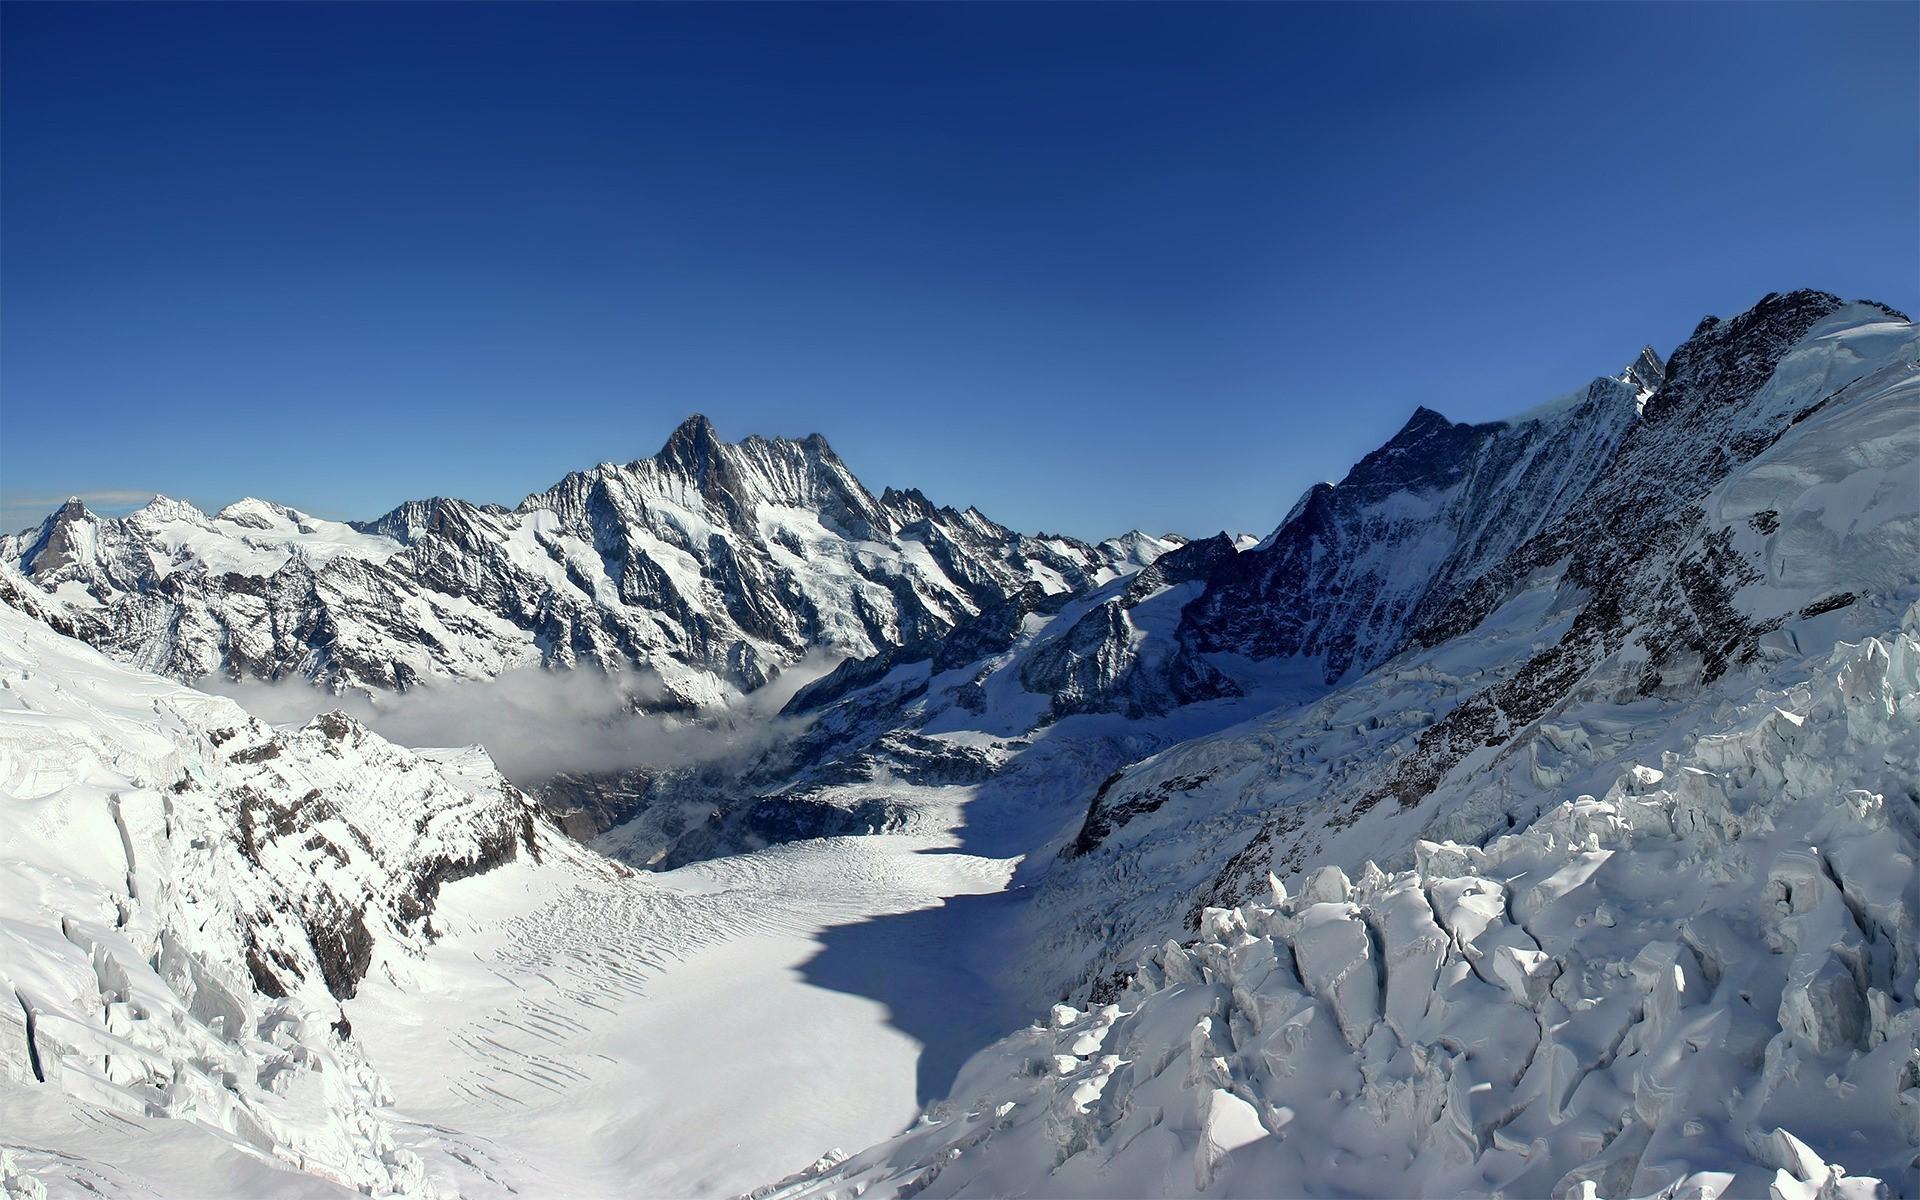 Beautiful Snowy Winter Mountain Wallpaper desktop.